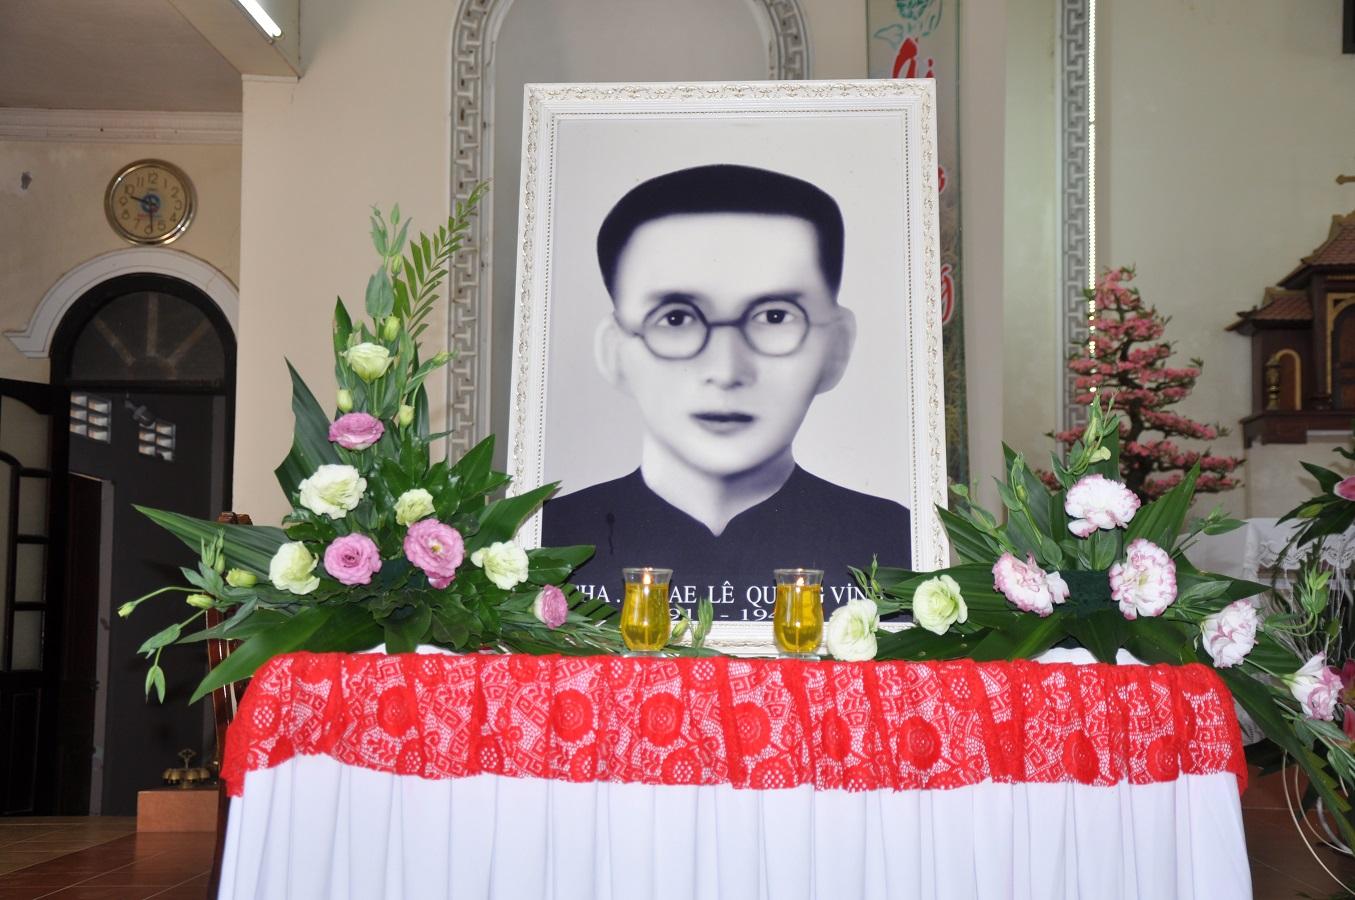 Họ đạo Cái Cá : Thánh Lễ giỗ cầu nguyện cho Cha Cố Micae Lê Quang Vinh